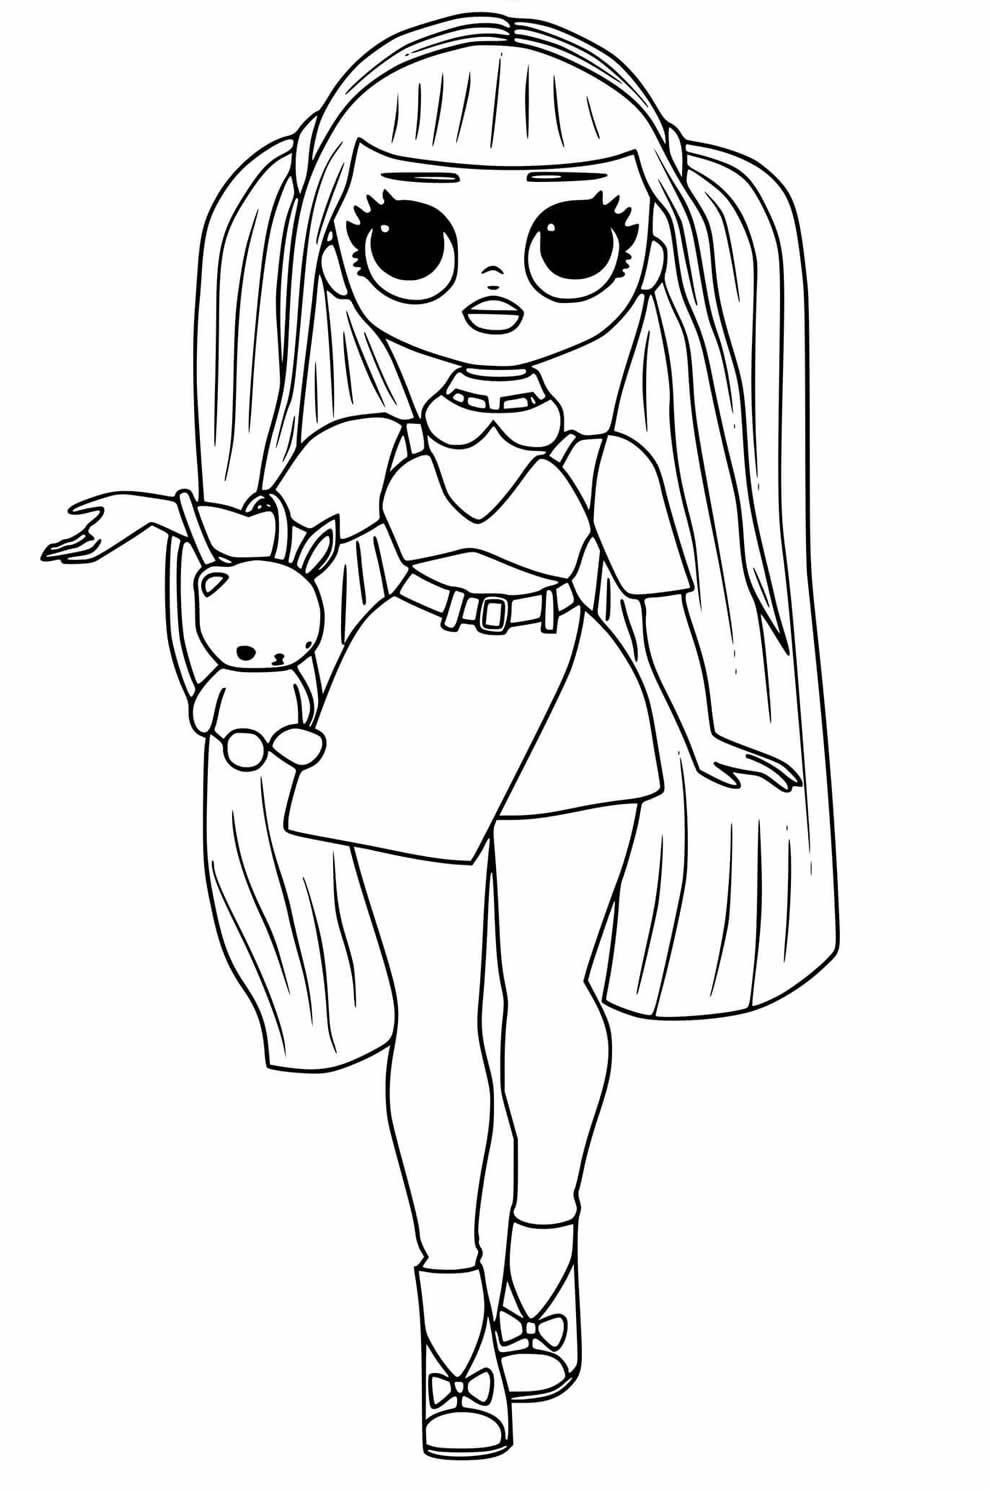 Desenho da Boneca LOL adolescente para pintar